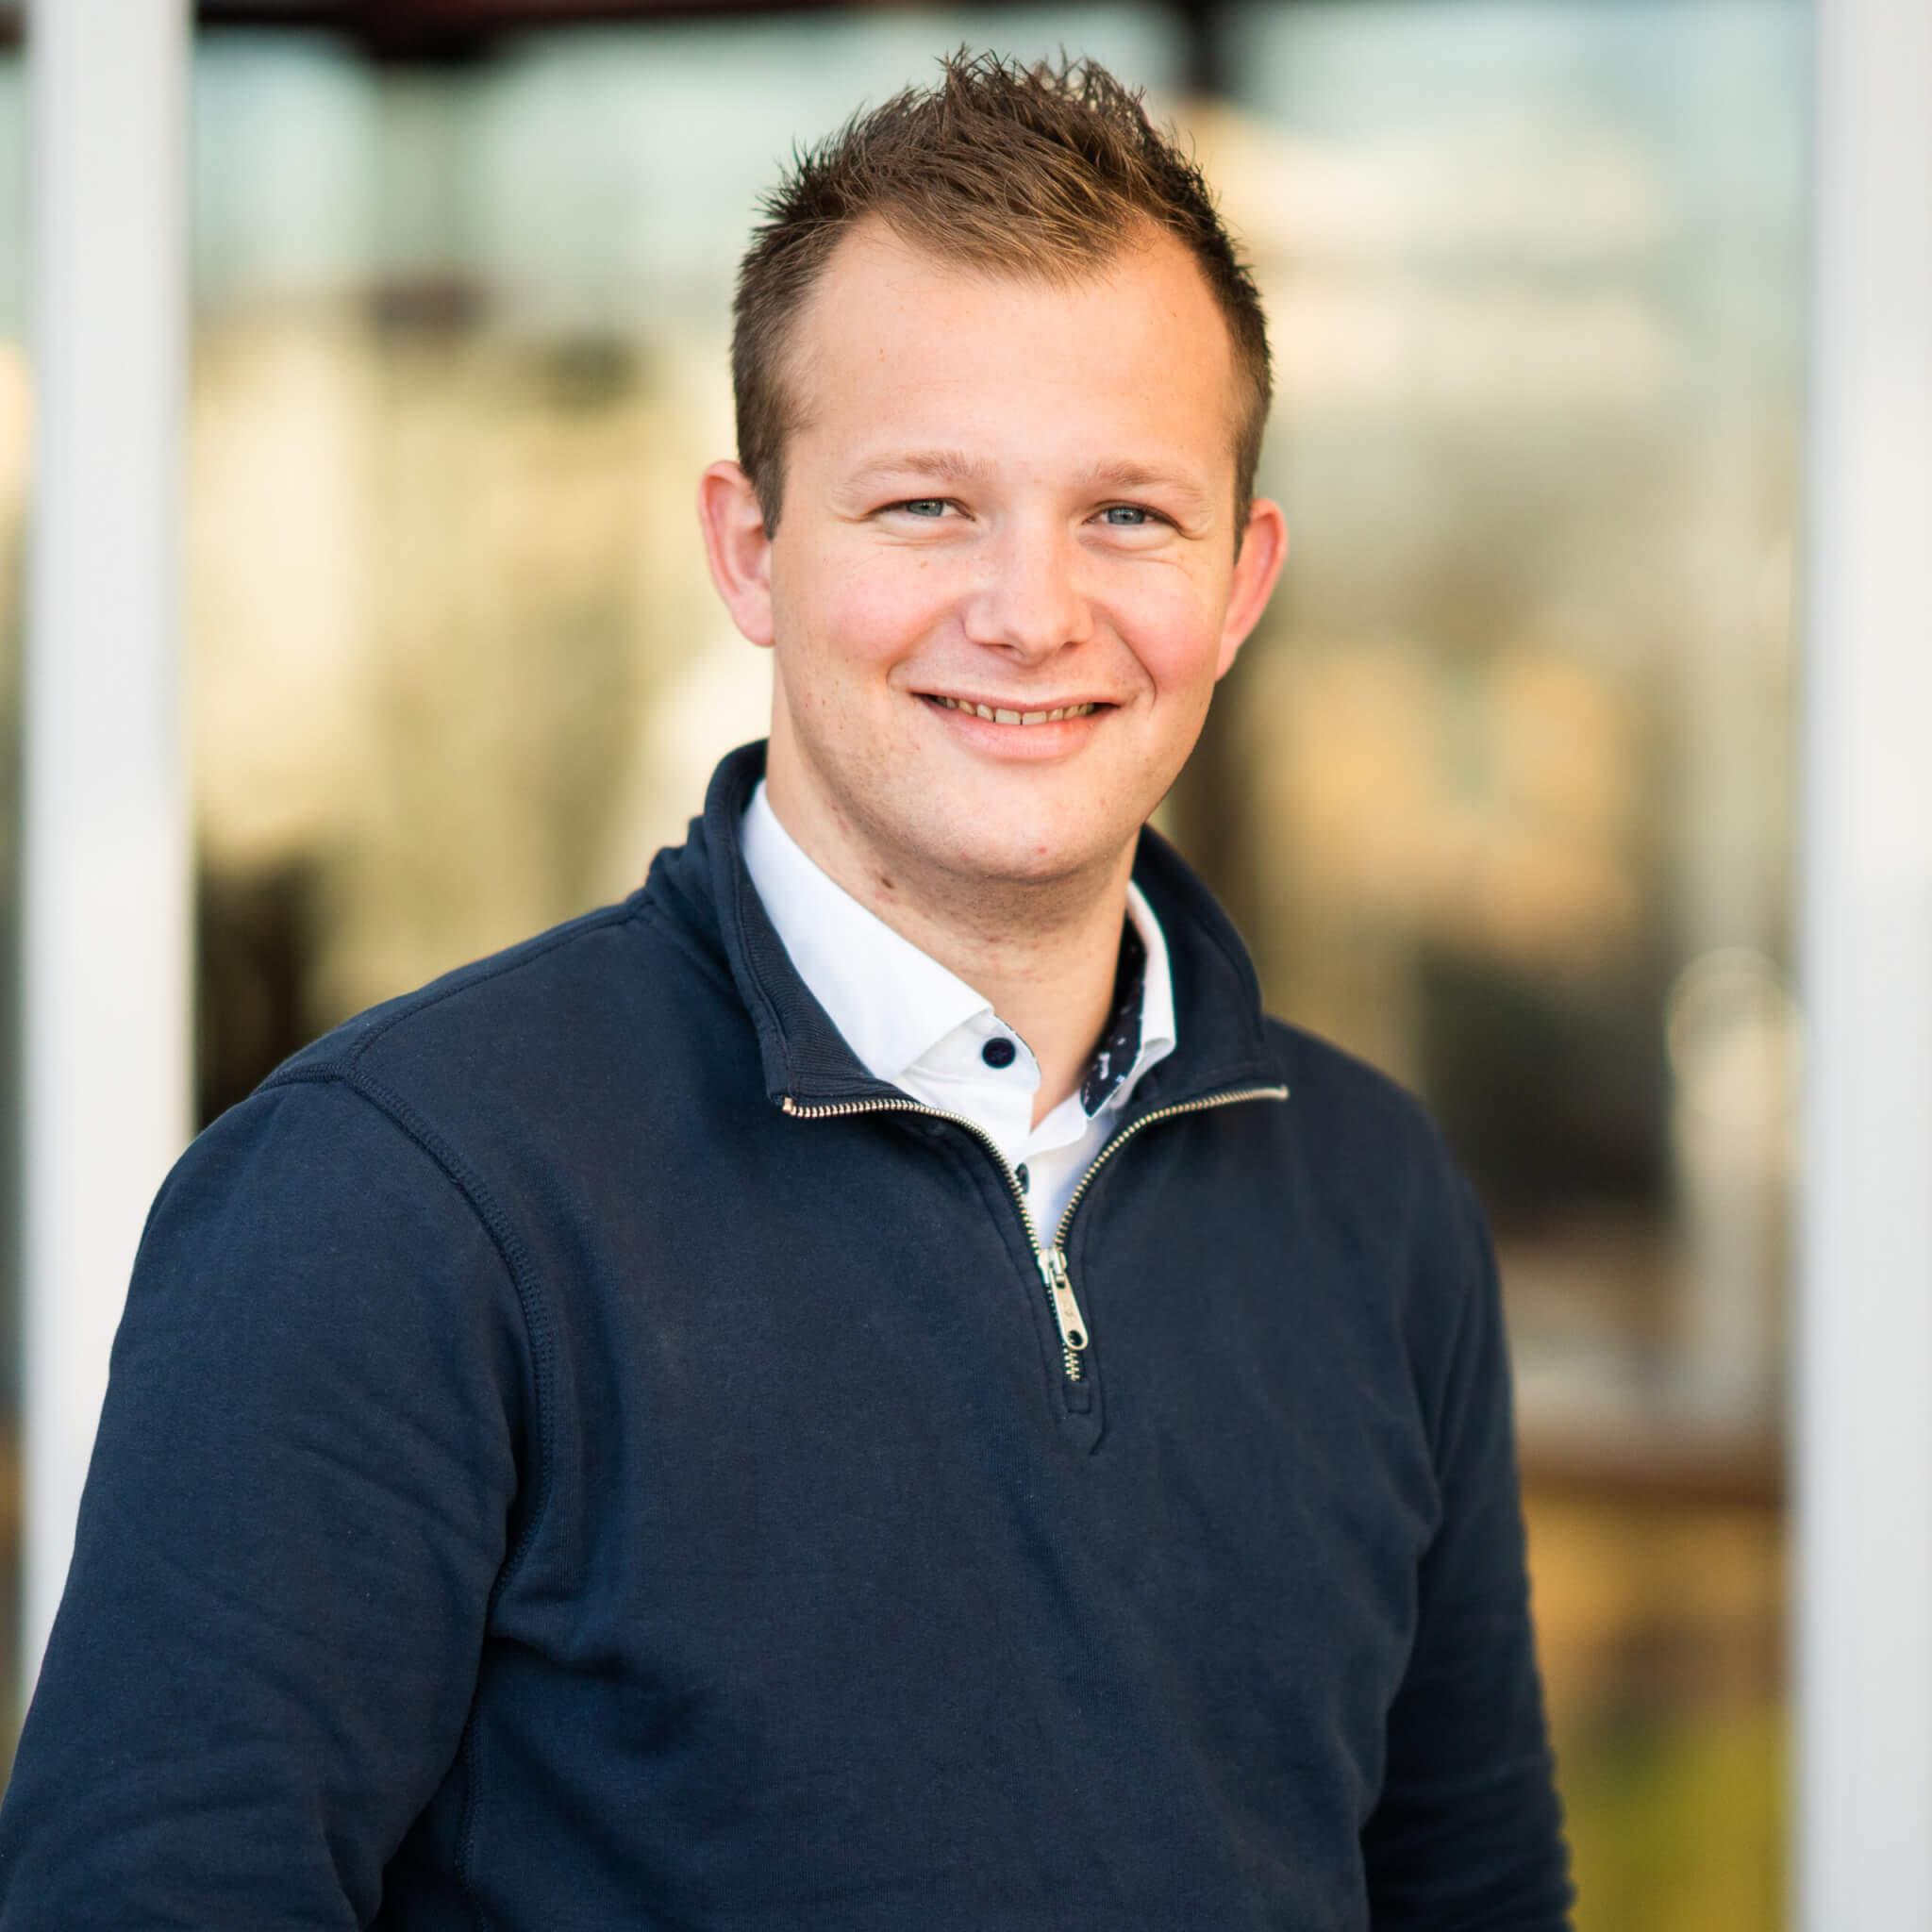 Wilbert Steenks